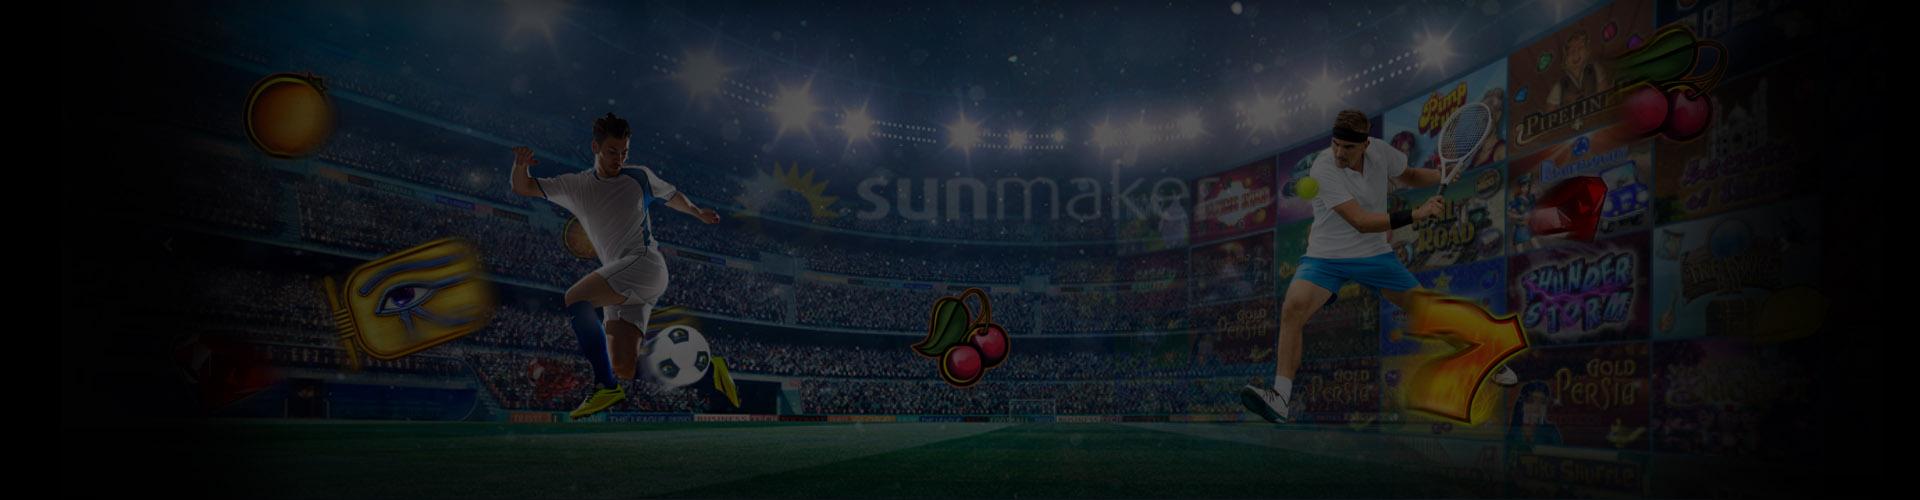 Sunmaker Bonus Code Ohne Einzahlung 2021